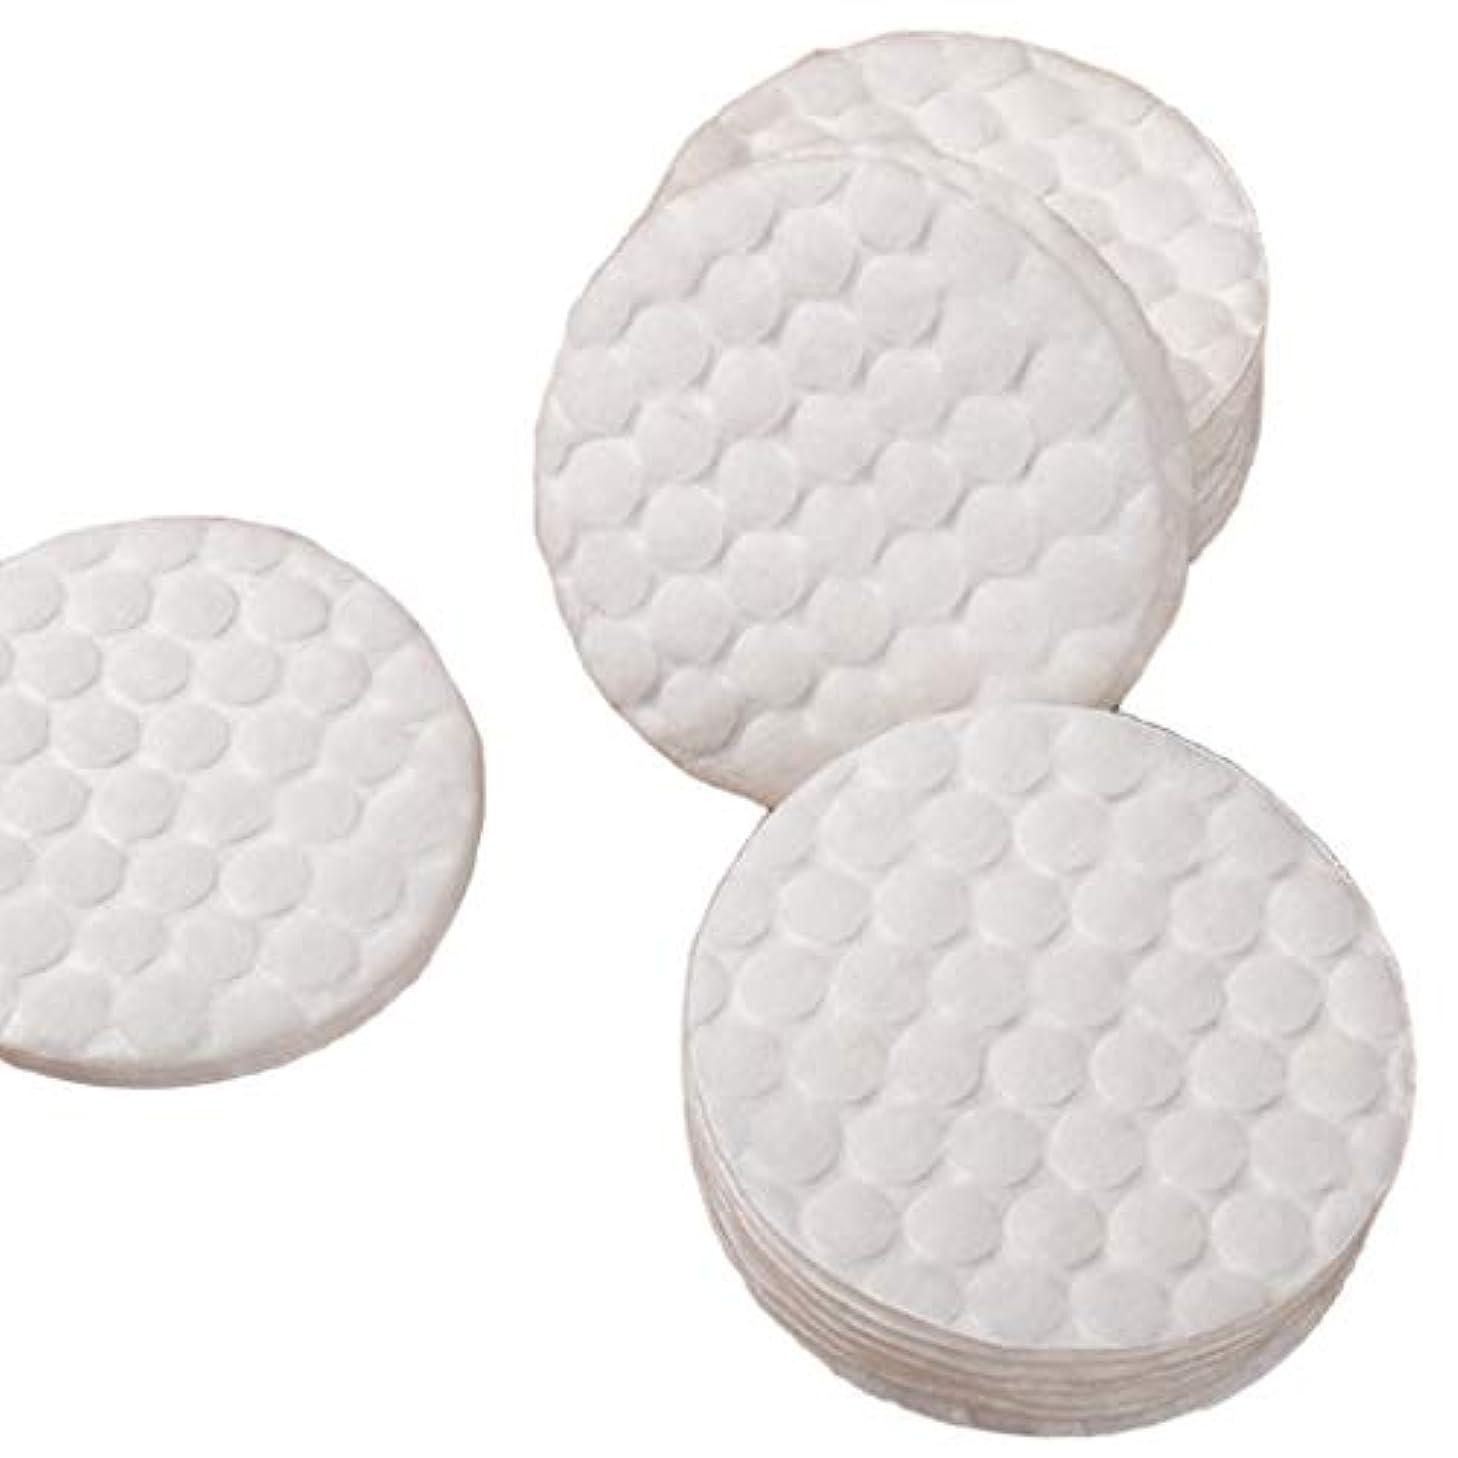 寸前取るに足らないずるいクレンジングシート 60個/バッグメイク落としコットンパッド洗えるワイプクレンジングオイルスキンケアフェイシャルケアメイクアップ化粧品ワイプ (Color : White)